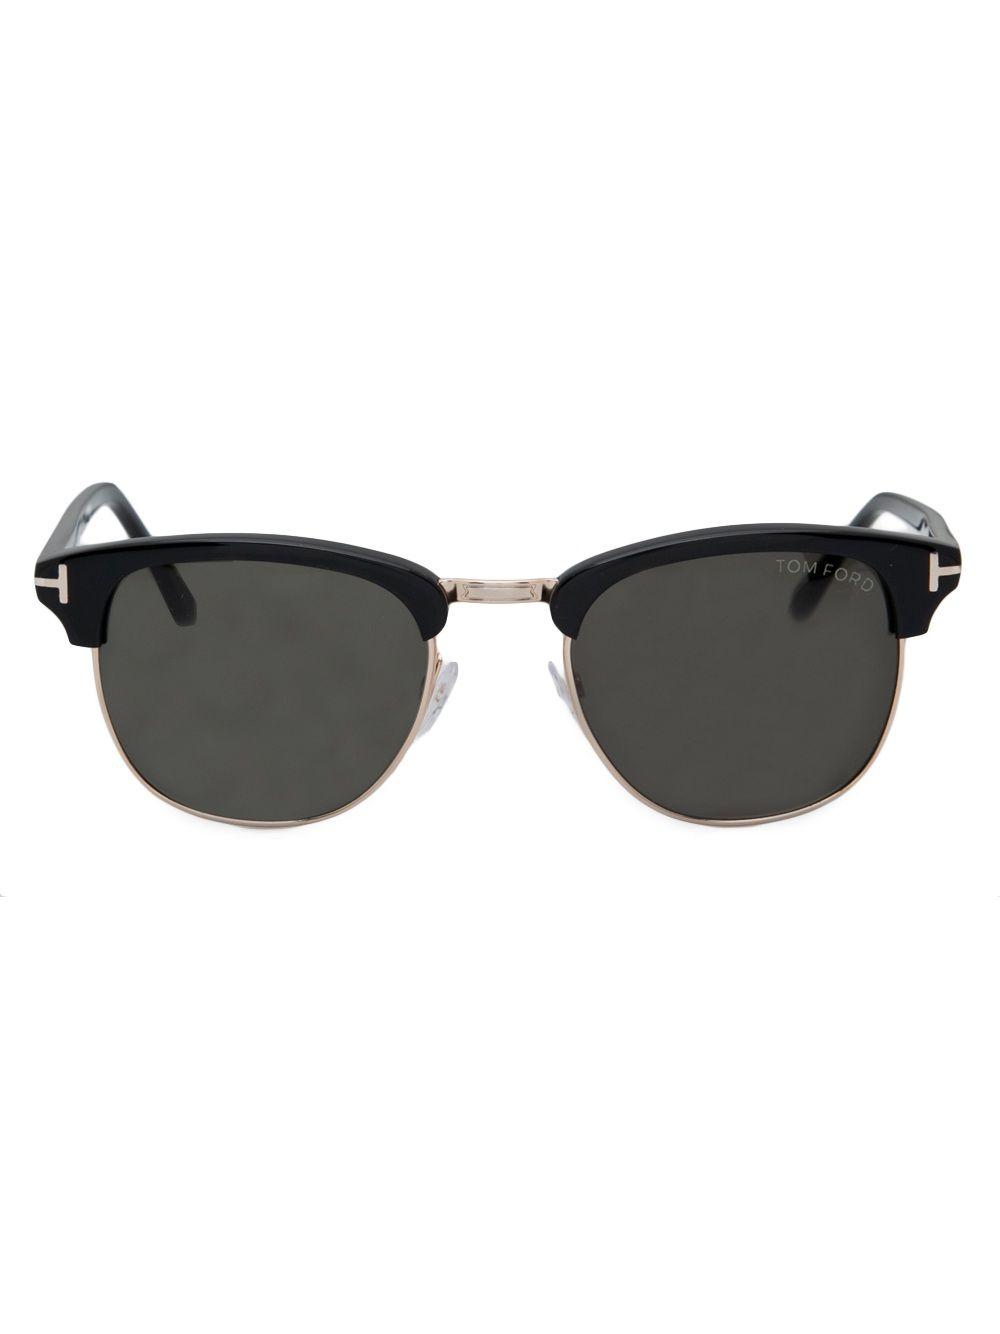 Tom Ford/ Henry Sunglasses